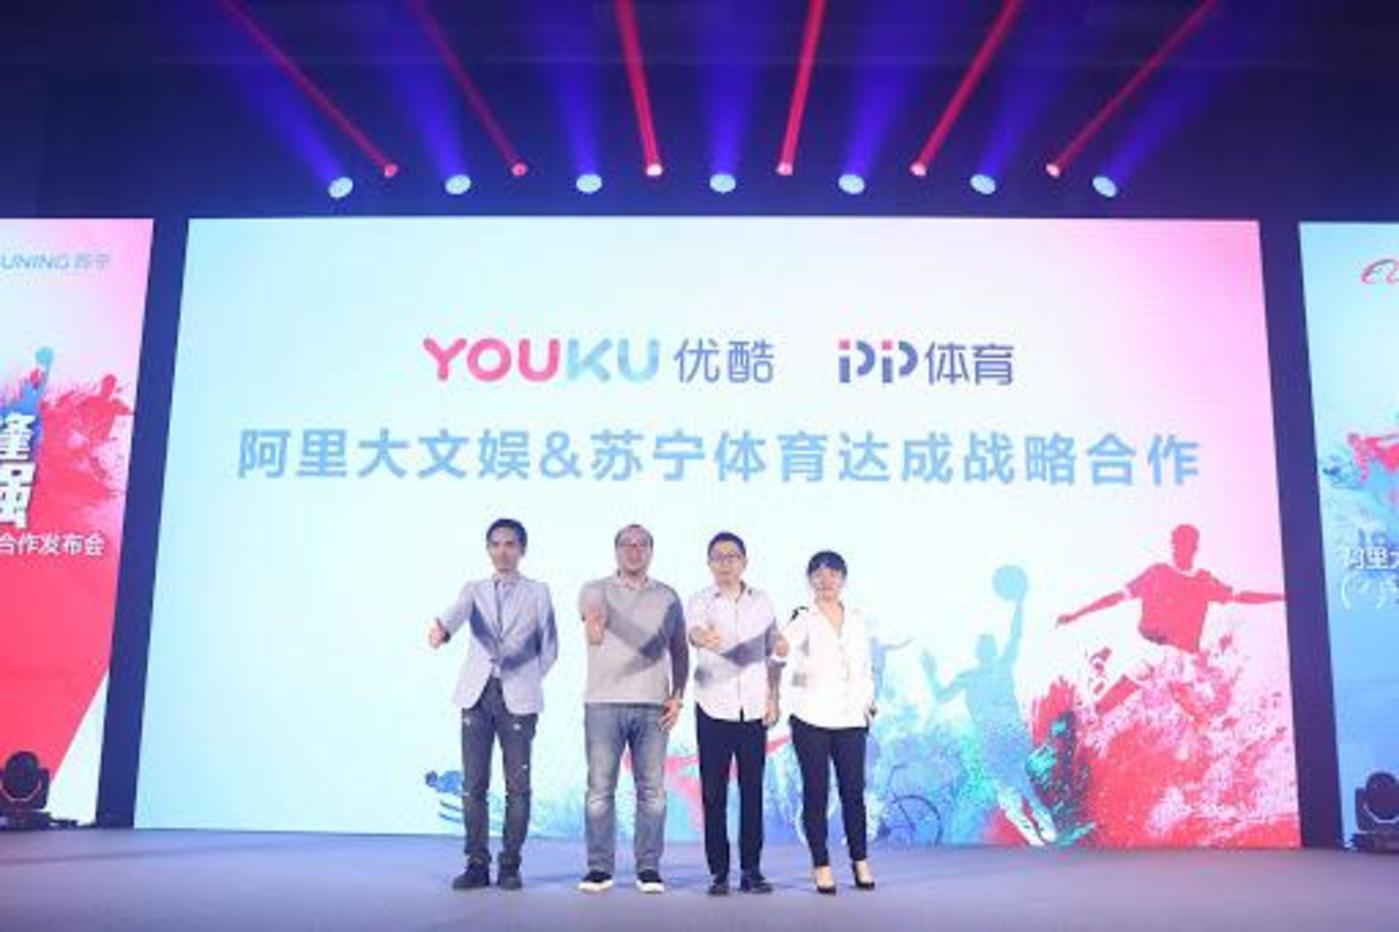 2018年阿里大文娱与苏宁体育宣布战略合作的发布会现场